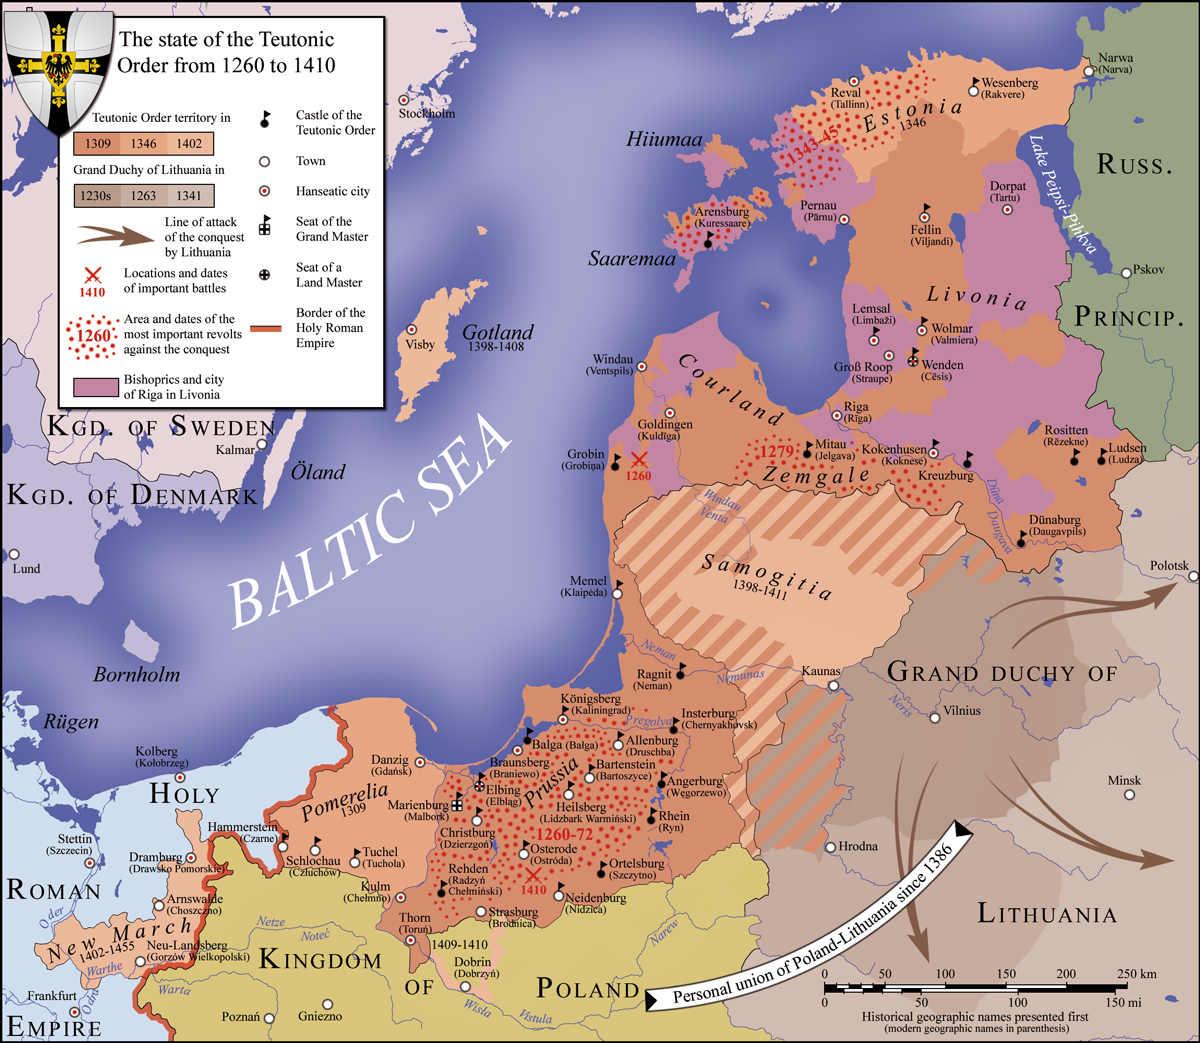 Territorio del Estado de la Orden Teutónica; las localizaciones y fechas de las batallas más importantes, incluida la batalla de Grunwald, aparecen indicadas por espadas cruzadas de color rojo. (CC BY-SA 3.0)